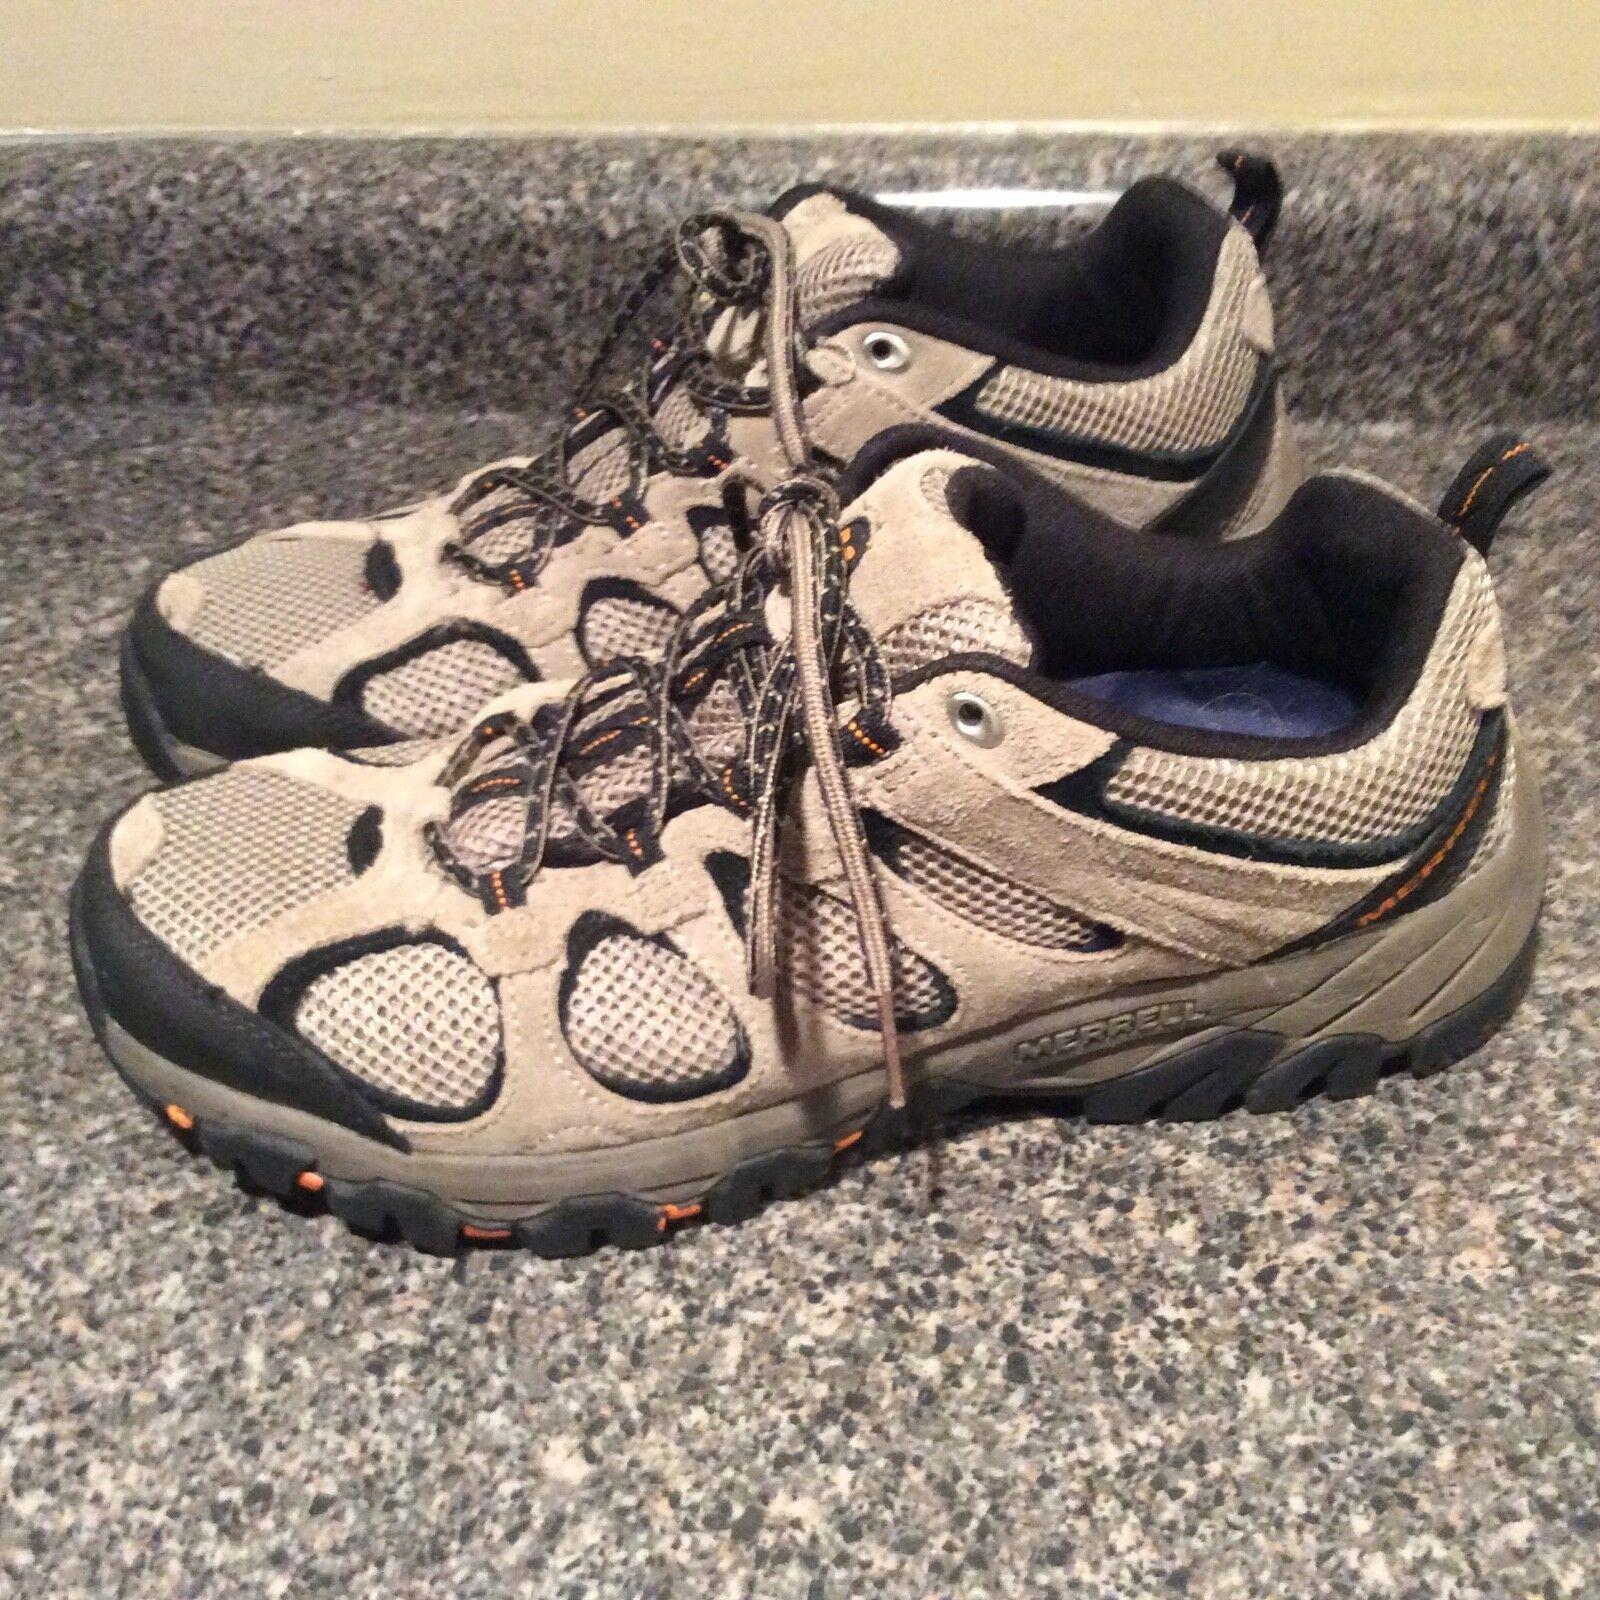 MERRELL Men's SZ 10 Hiking Boots Hilltop Ventilator Mid WP Hiker Brindle EUC